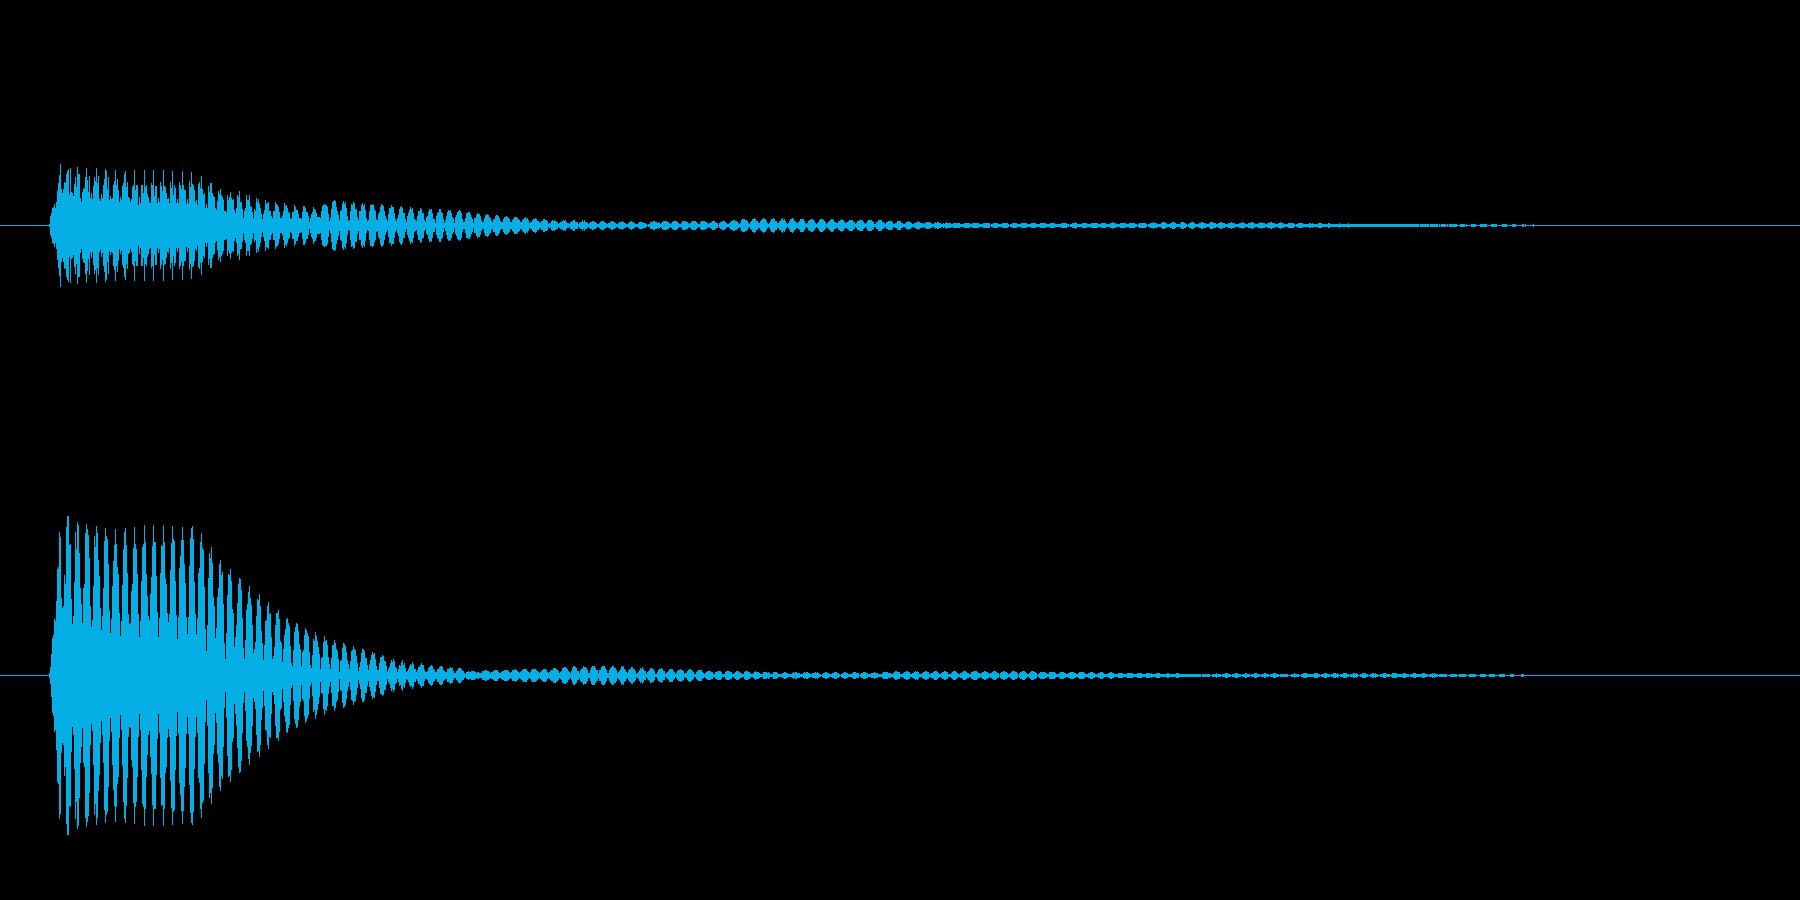 ポン(選択音 決定音 ボタン音)の再生済みの波形